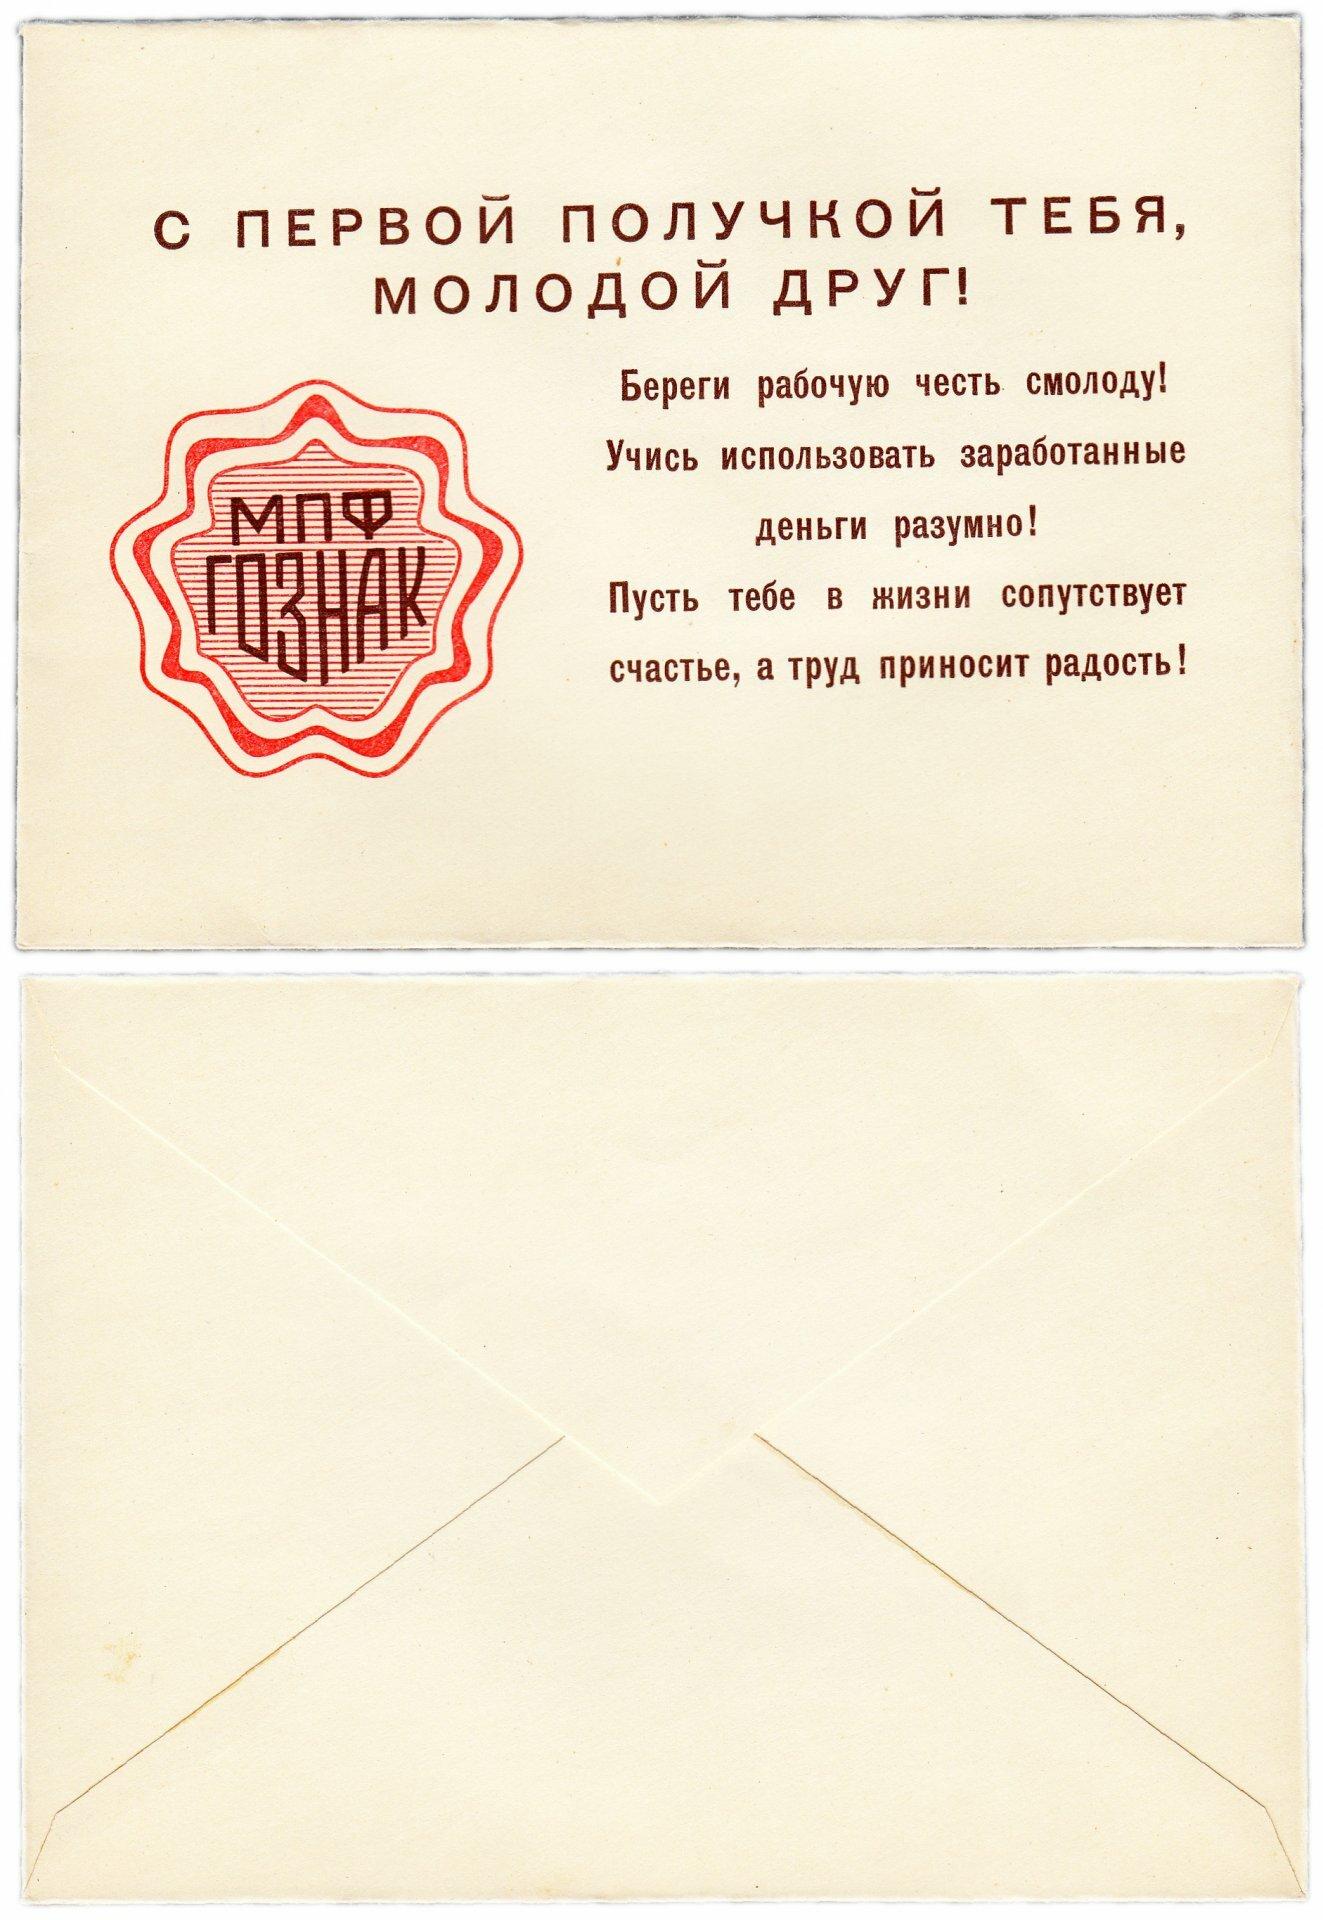 Банкнота Конверт